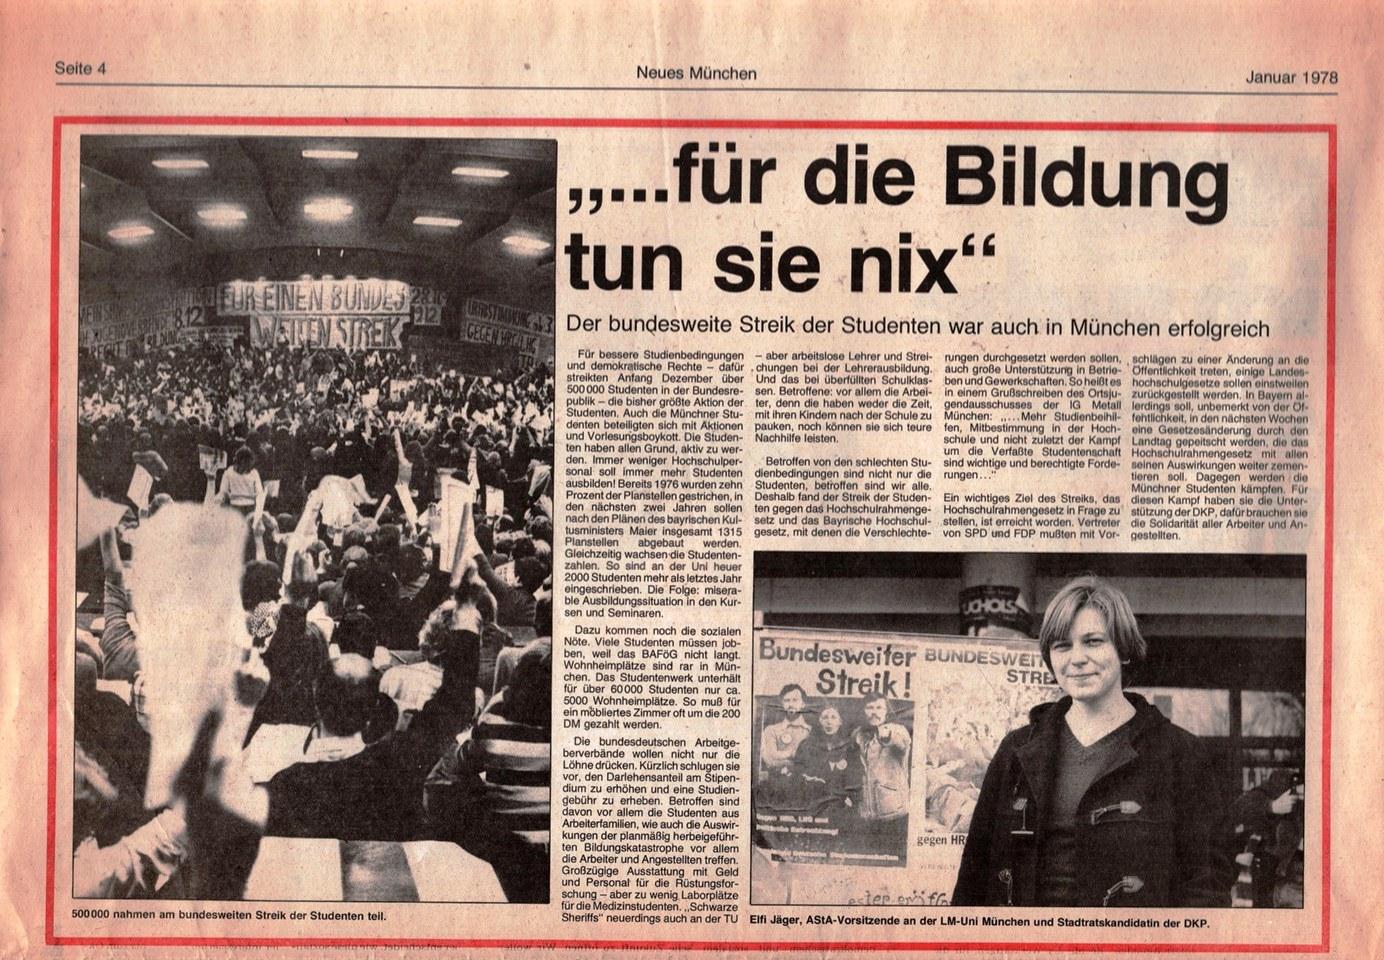 Muenchen_DKP_Neues_Muenchen_19780100_001_007